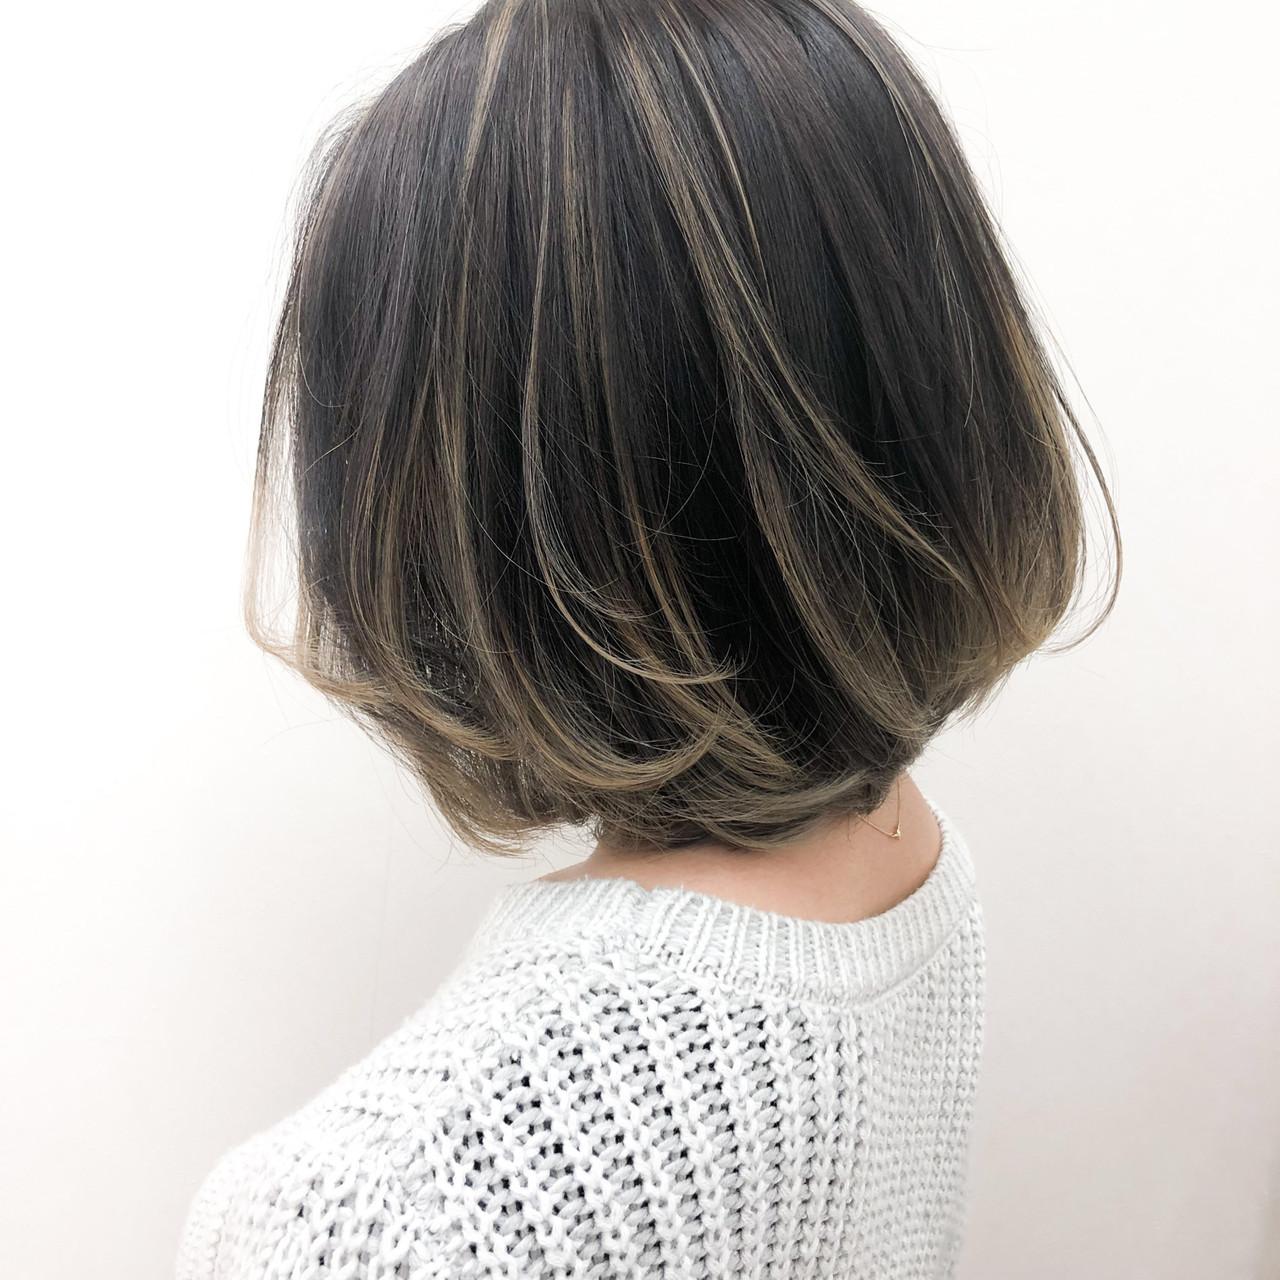 グラデーションカラー 大人ハイライト ボブ バレイヤージュ ヘアスタイルや髪型の写真・画像